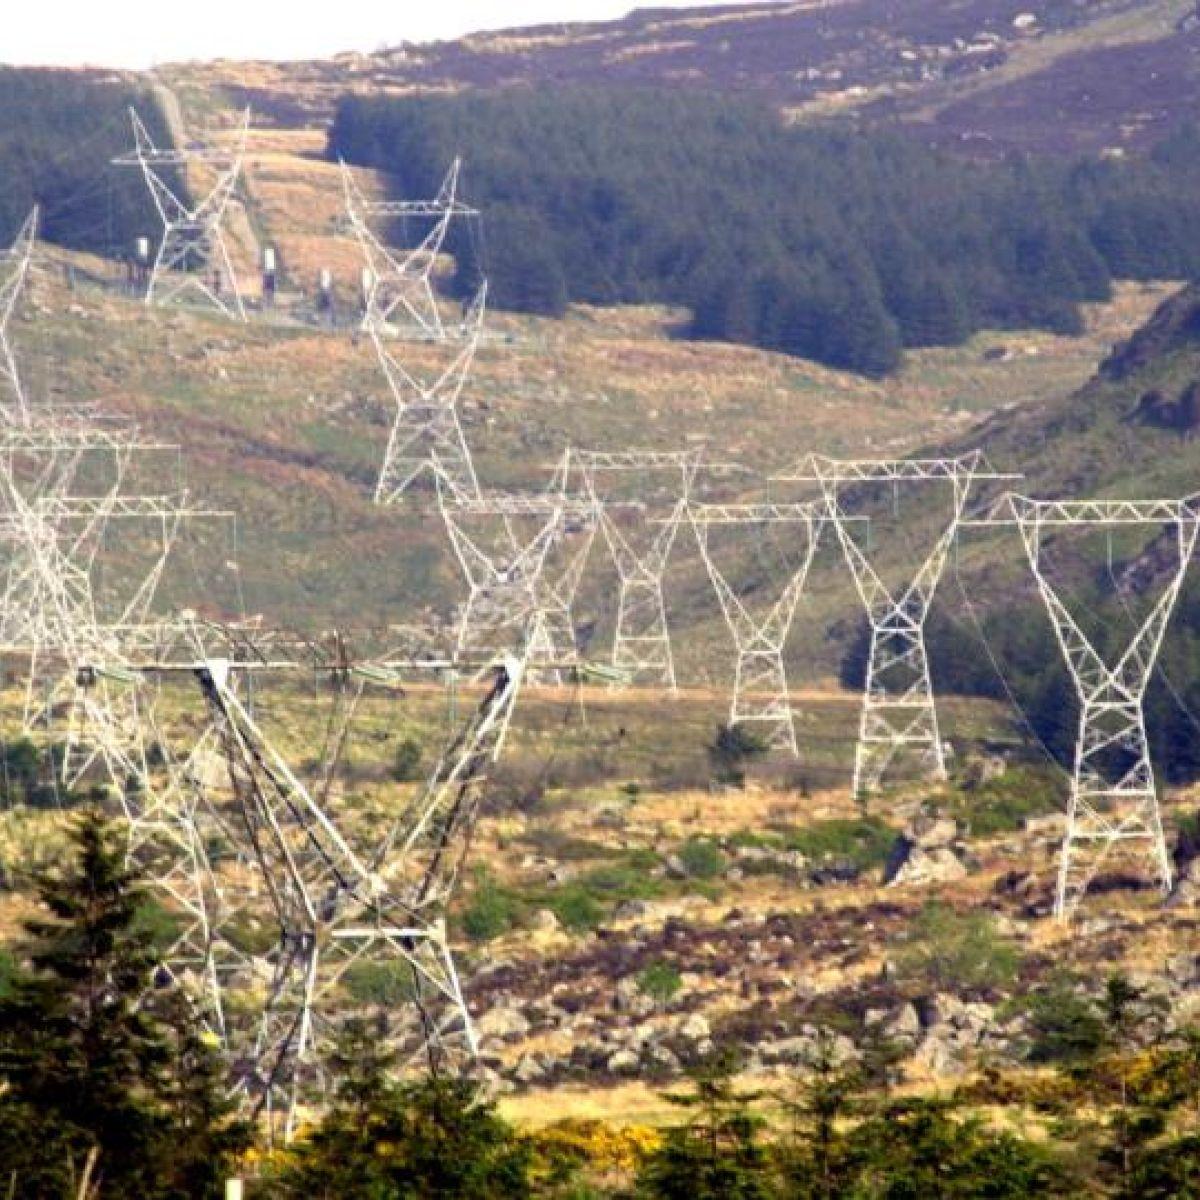 Balkans crime gang targets ESB power lines for scrap value